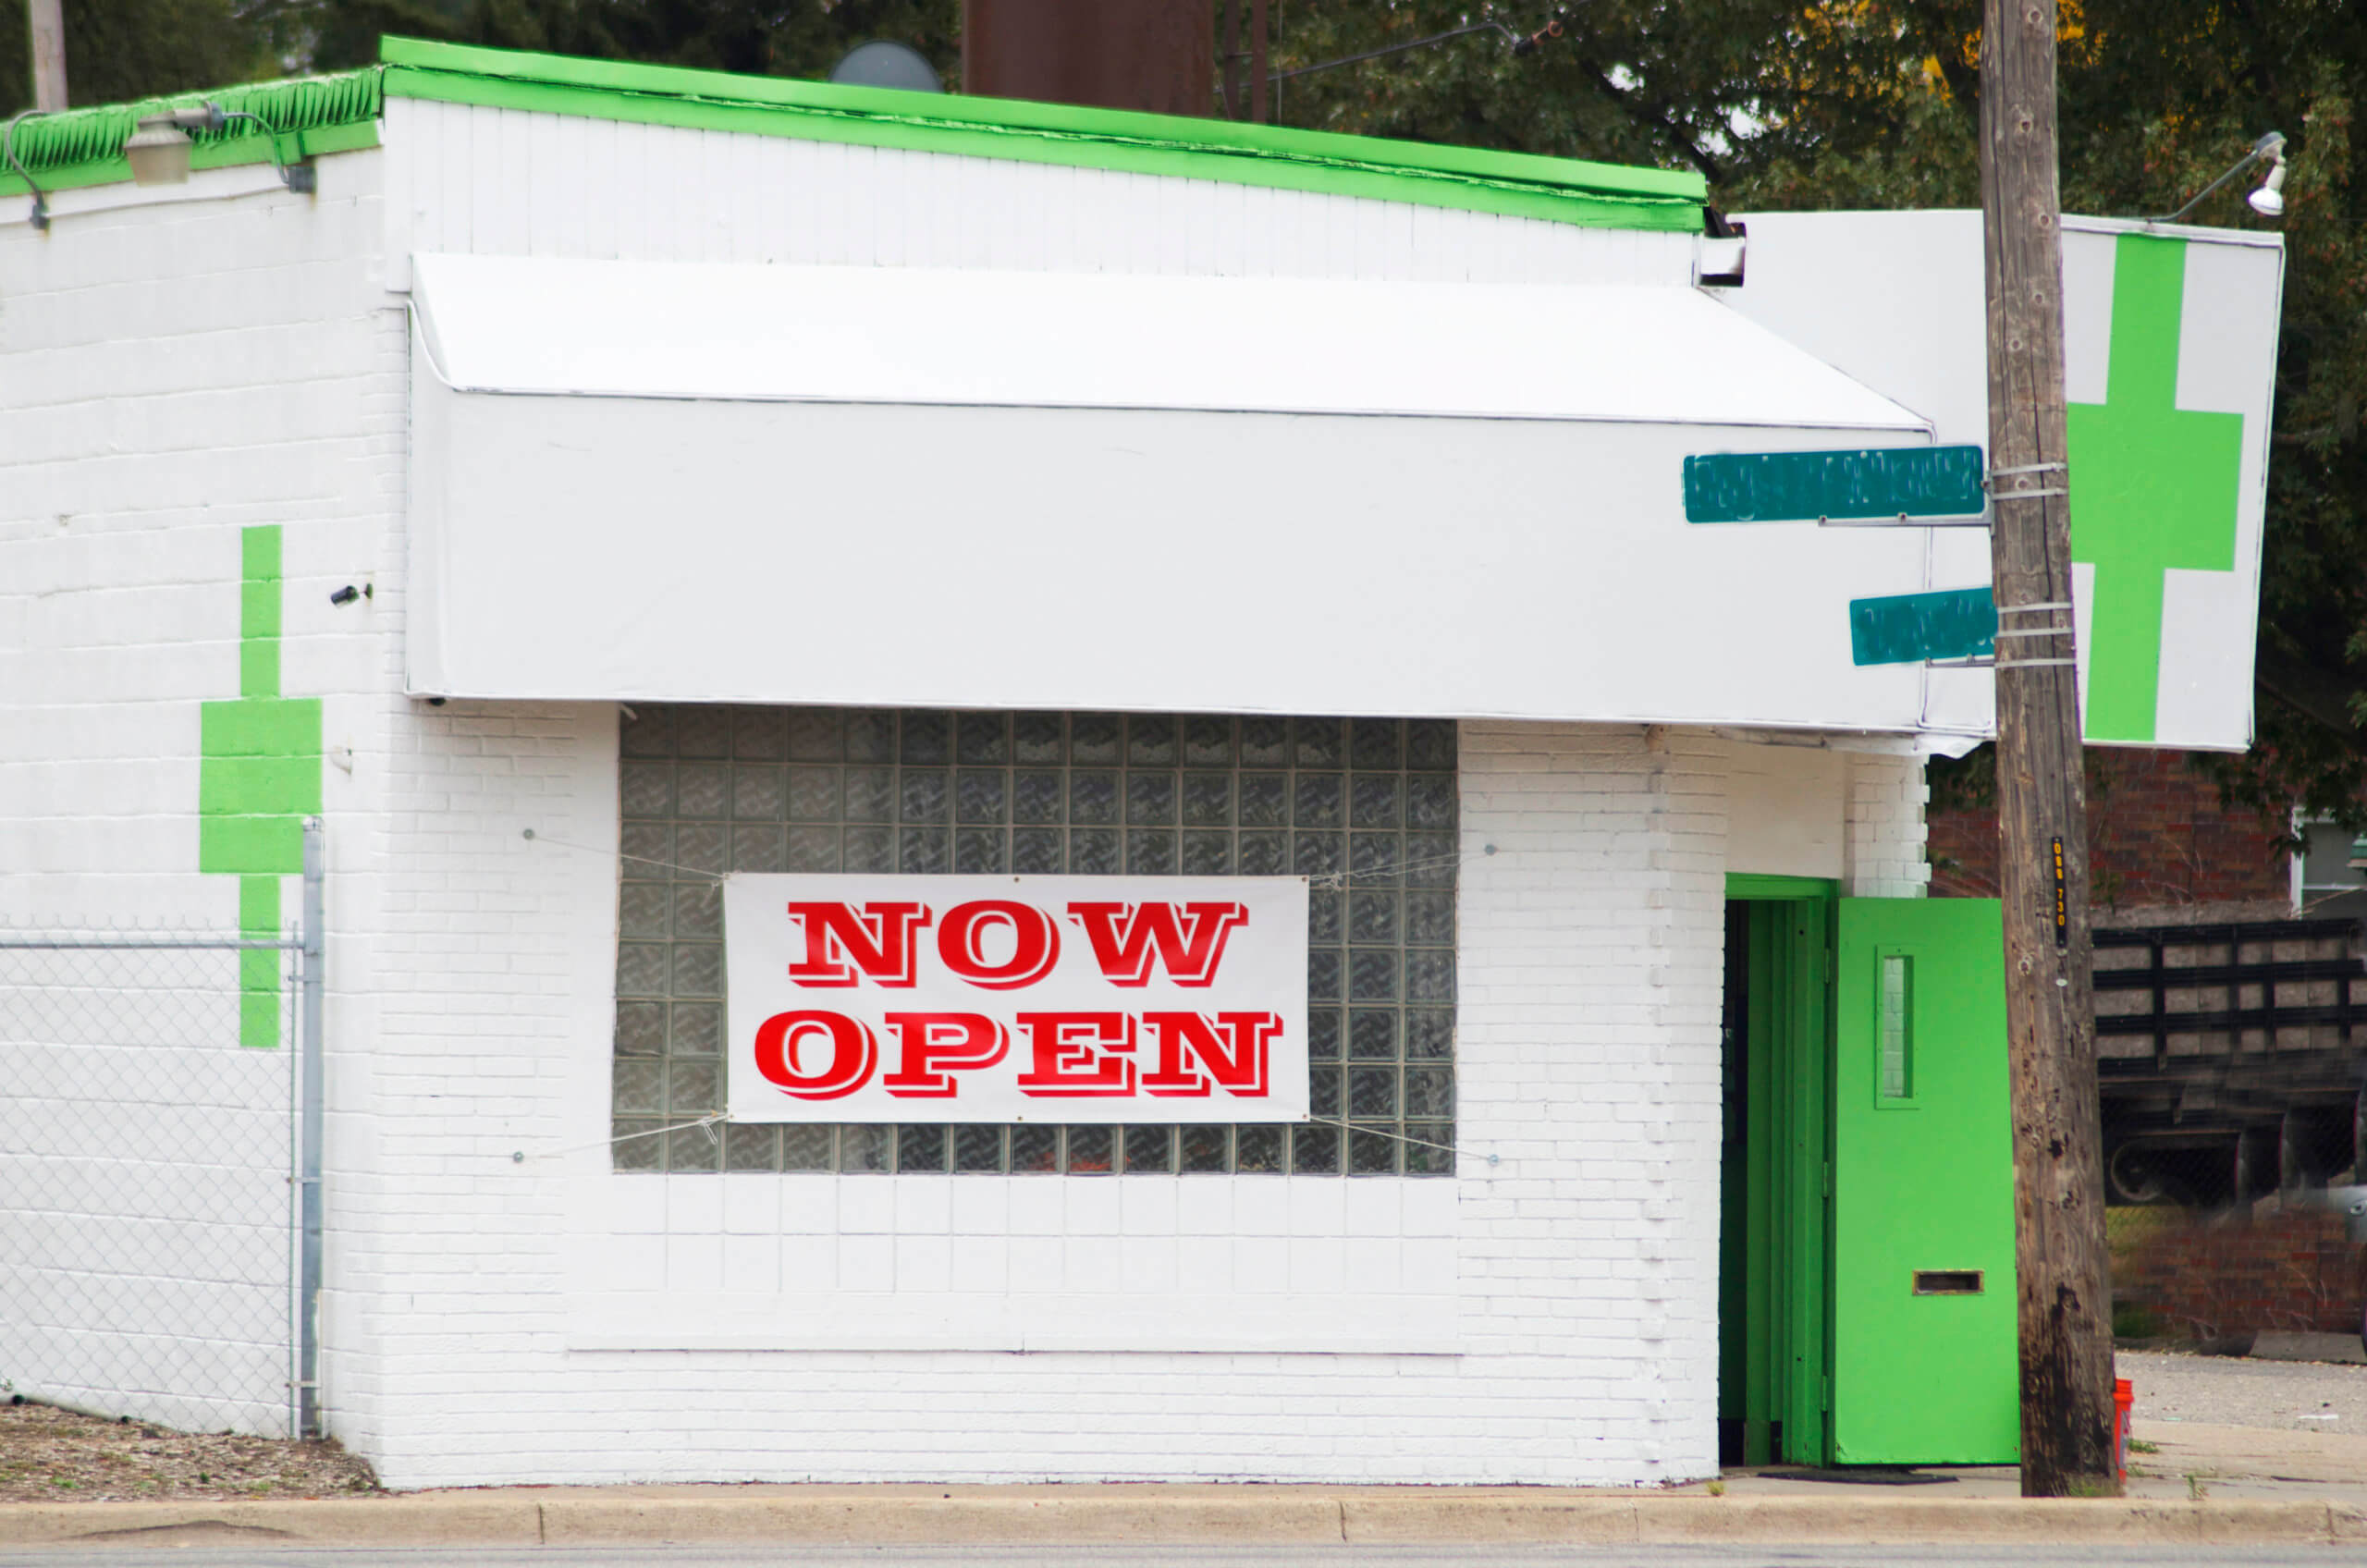 Illegal pot shops disrupt California's budding legal market